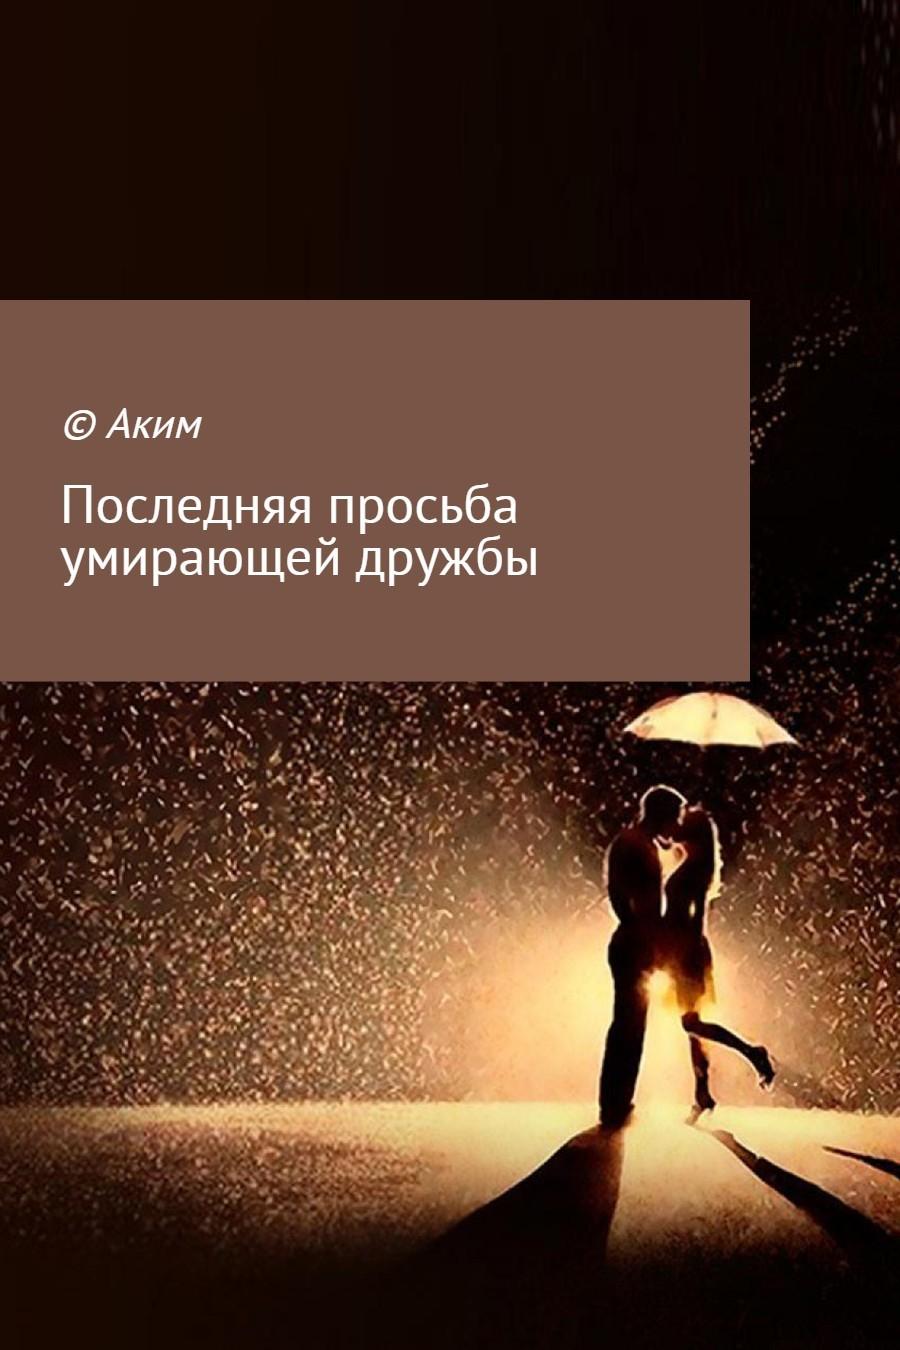 Аким Титов - Последняя просьба умирающей дружбы